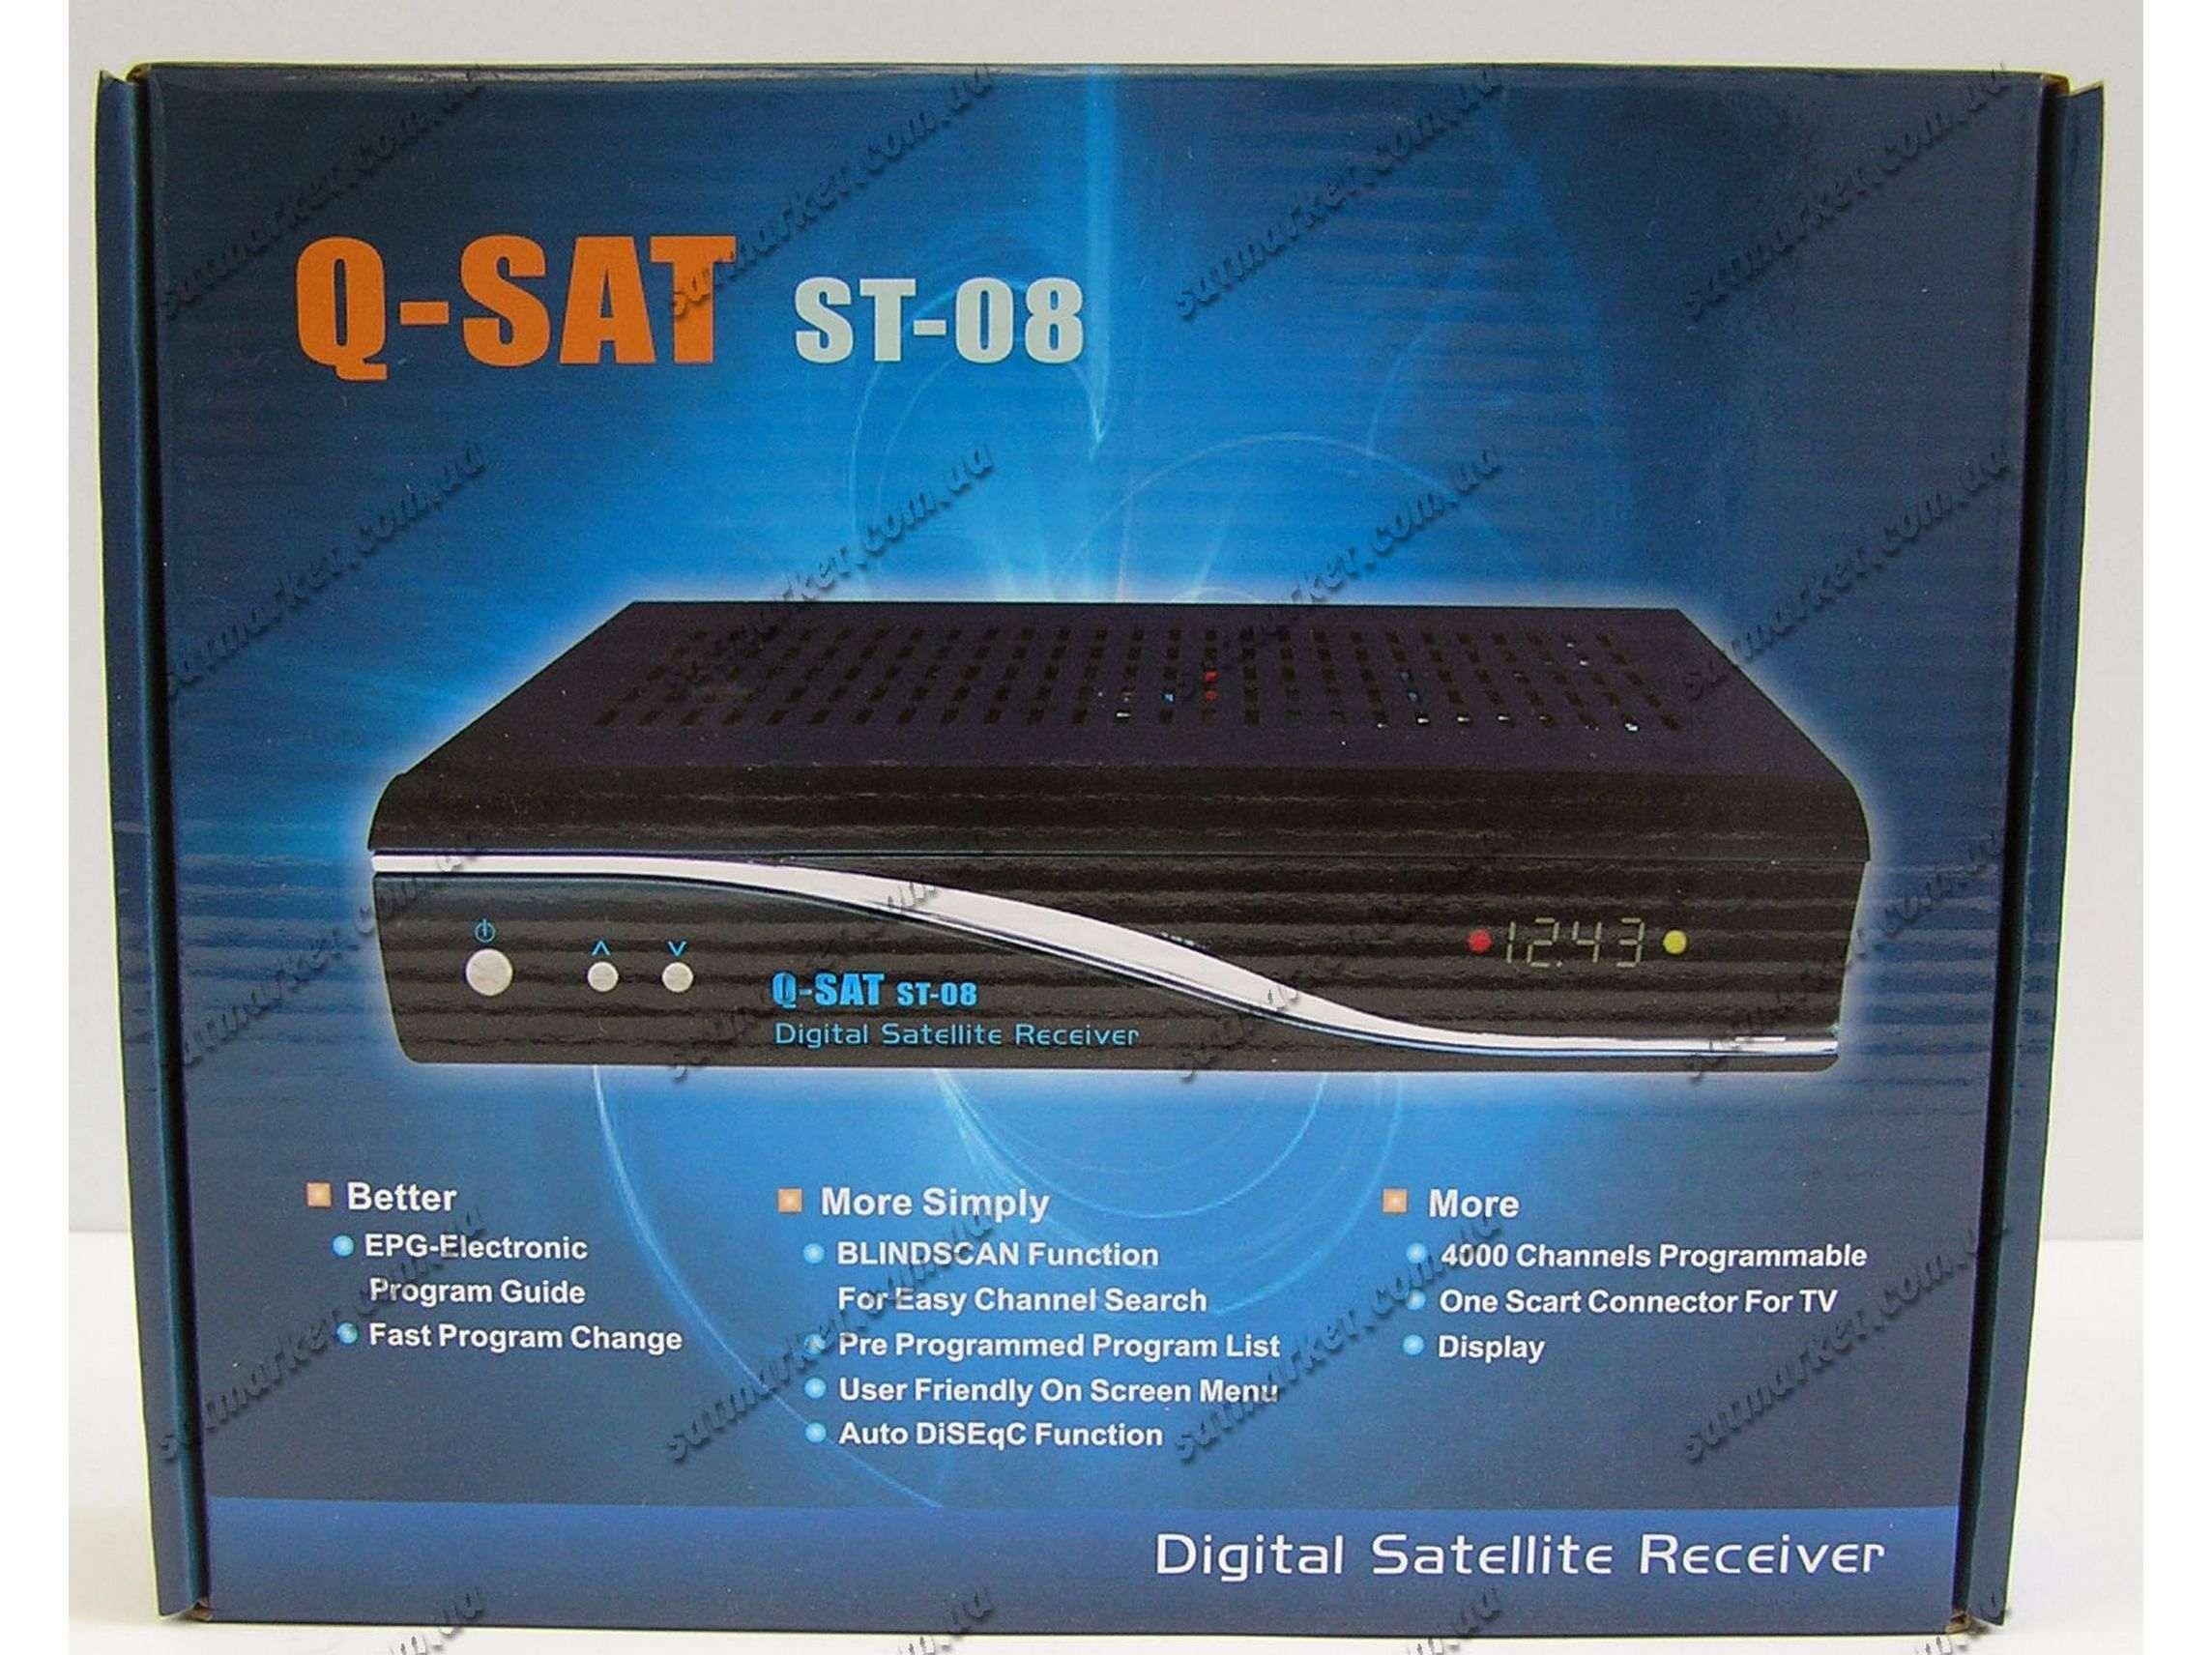 Купить Q-SAT ST-08  Цена на Q-SAT ST-08 в Киеве, Харькове